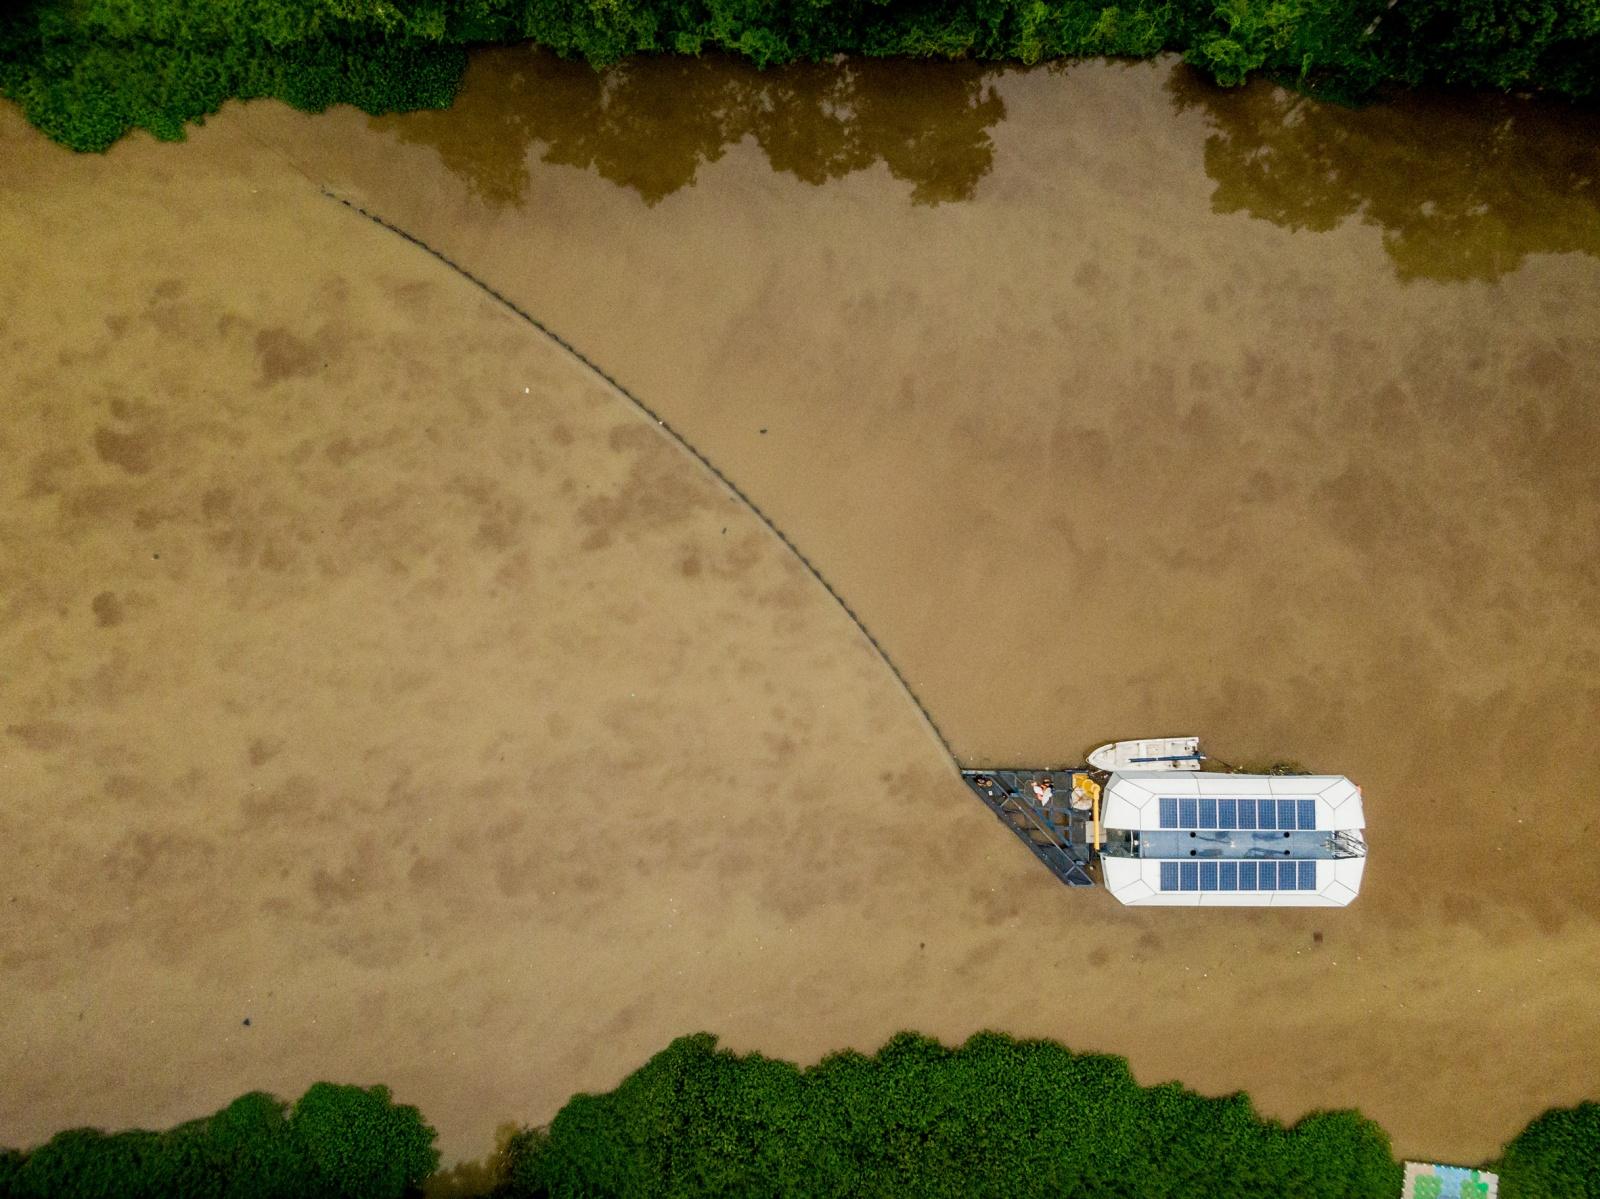 Представлена программа очистки мировых рек от мусора - 11